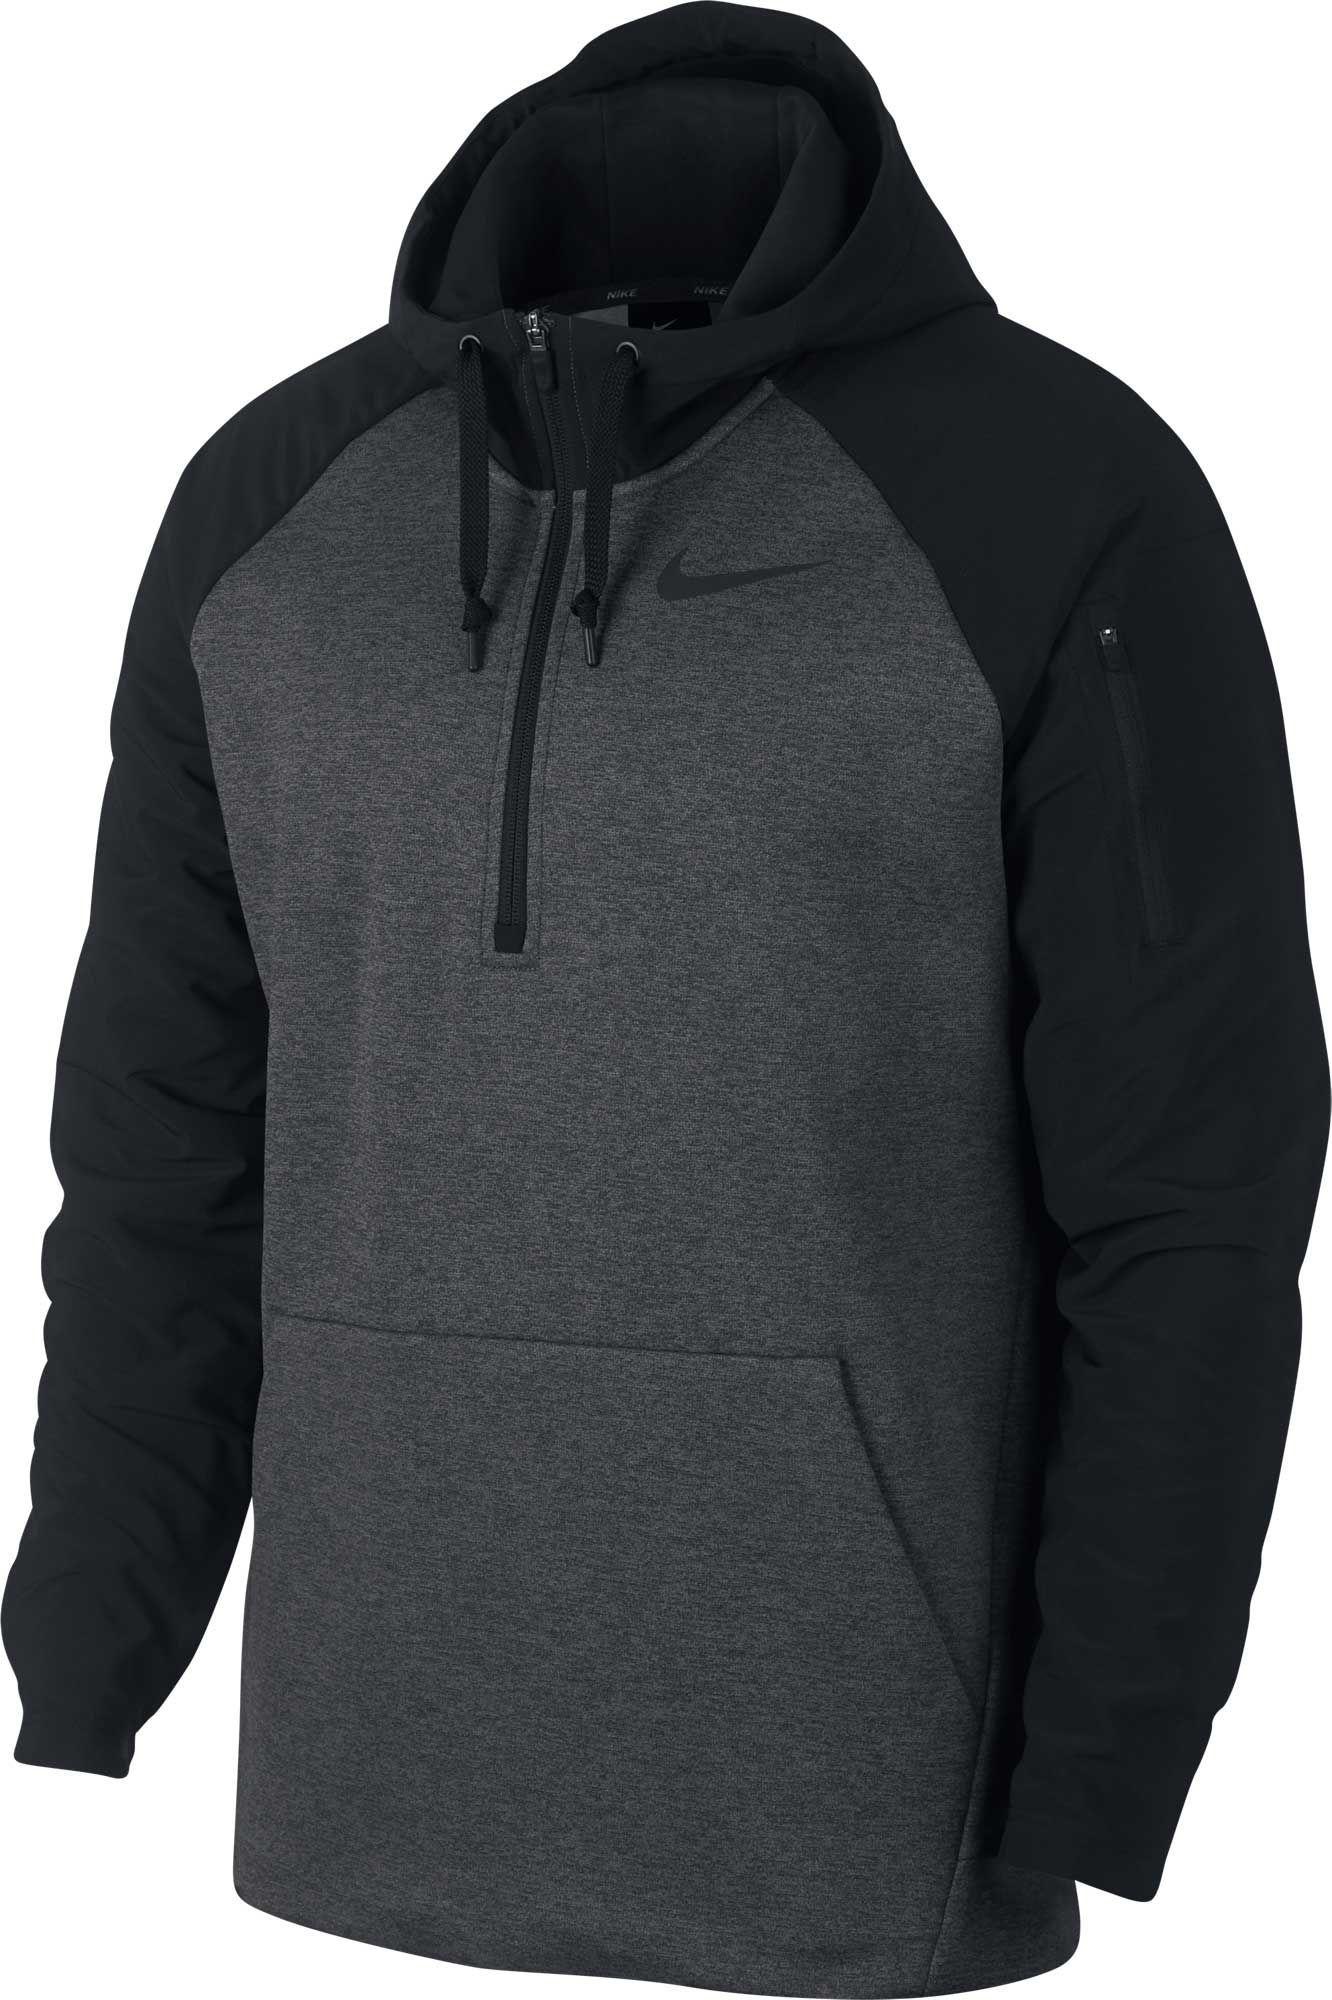 nike 1/4 zip sweatshirt grey